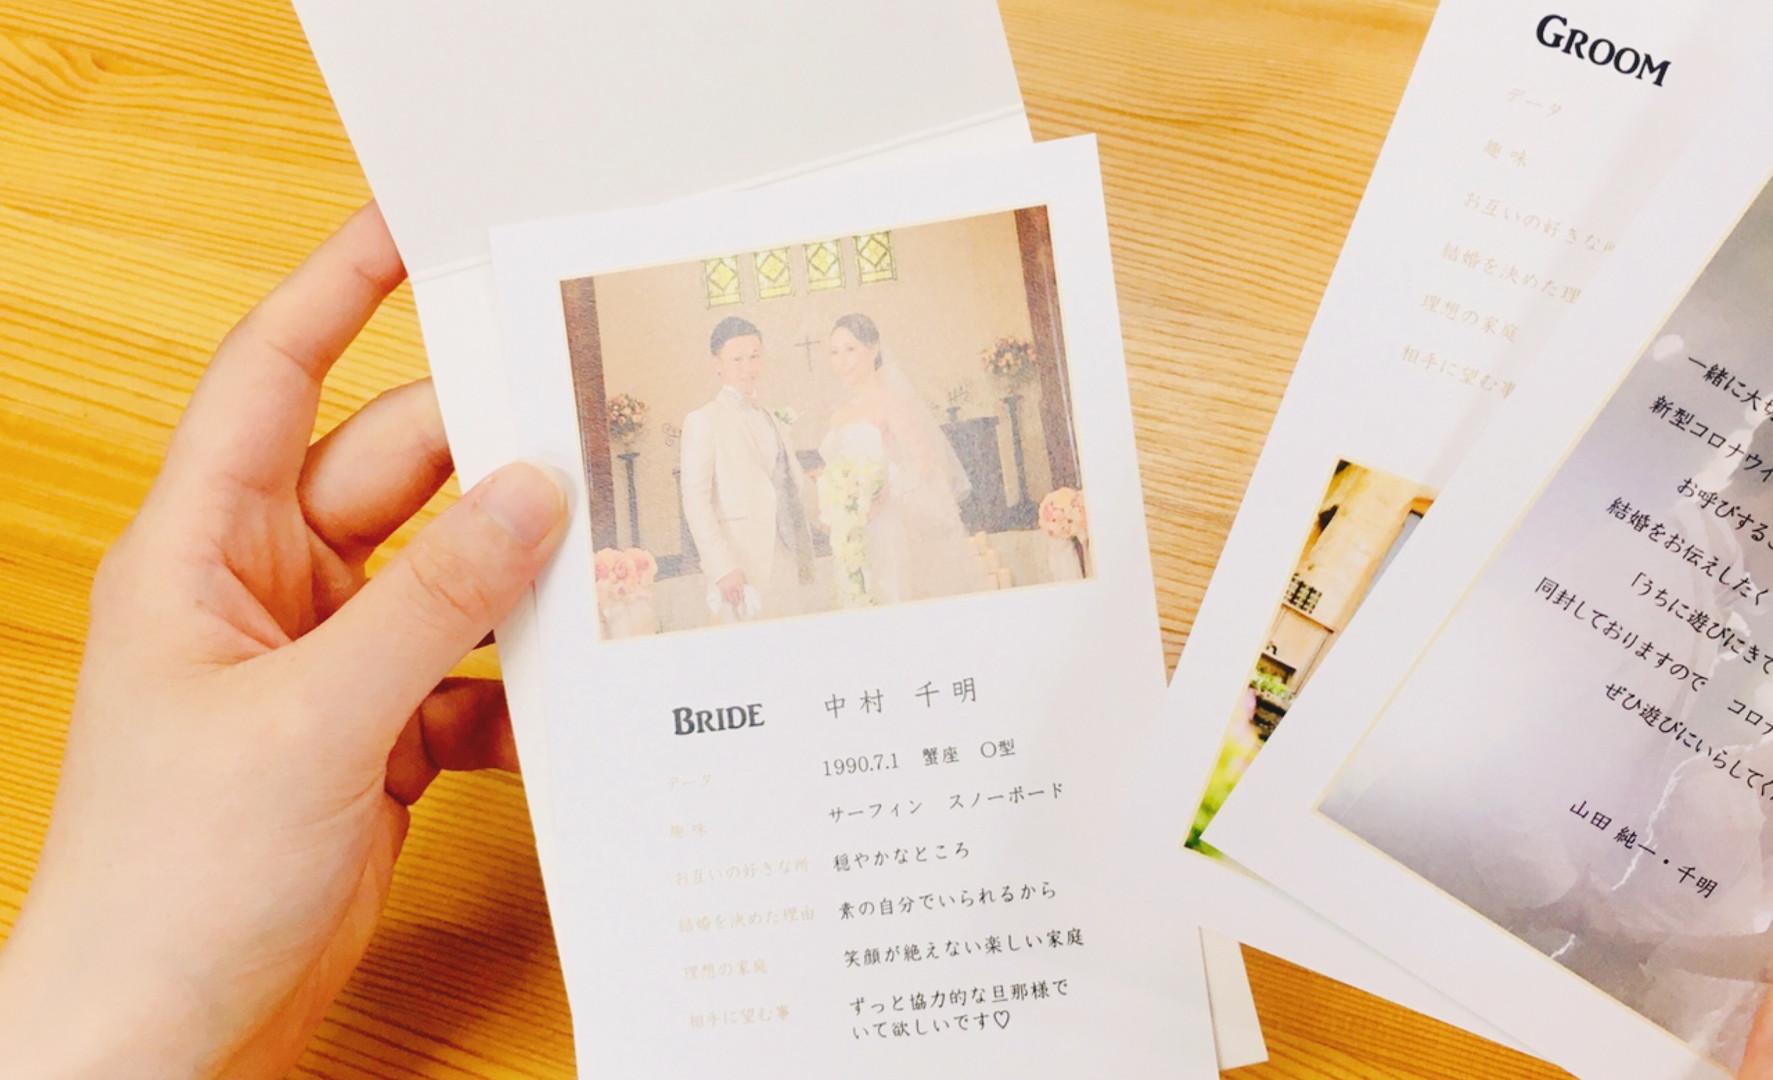 手持ち Just married デザイン6-C-5.jpg